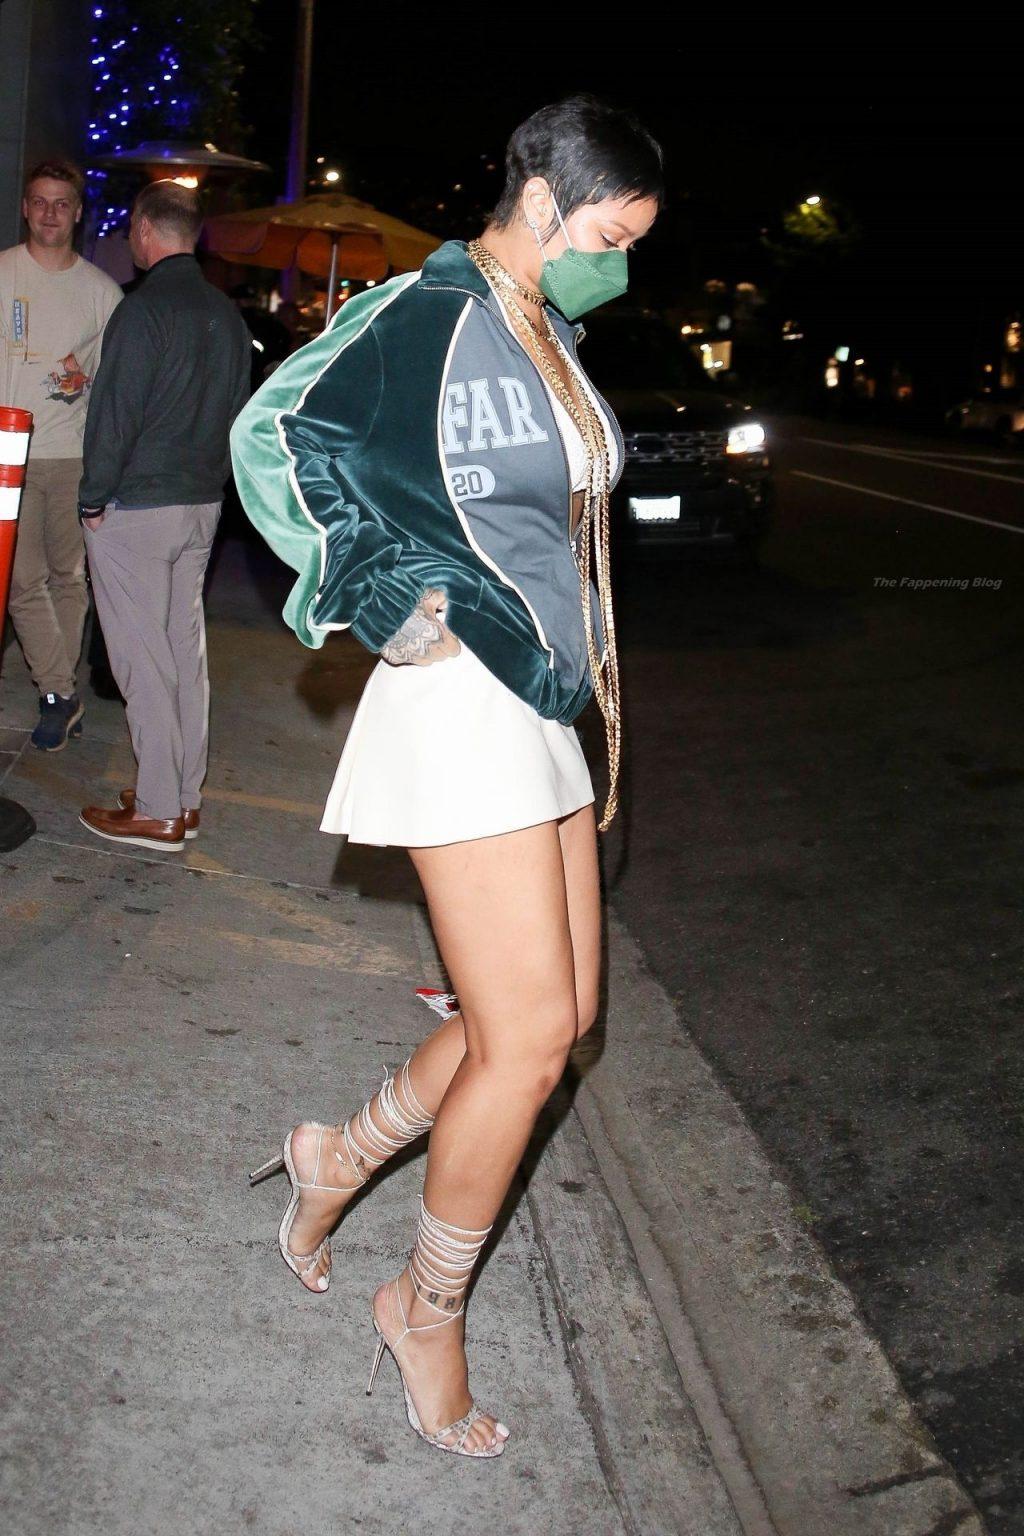 Leggy Rihanna Brings Her Nostalgic Style to Dinner as She Rocks a Bold Pixie Cut (30 Photos)